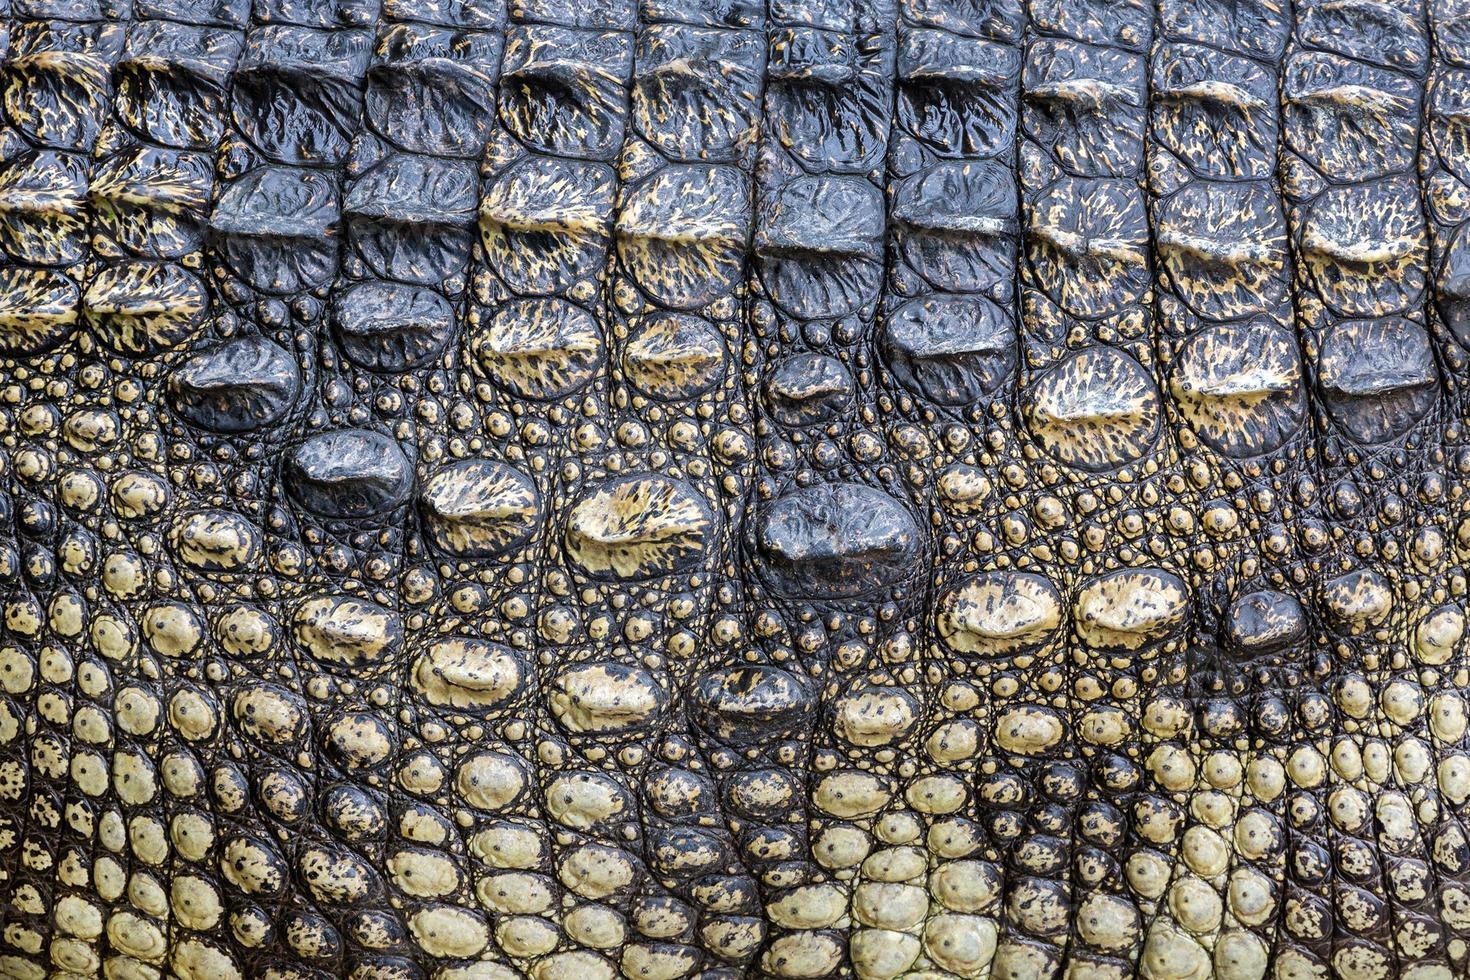 färgglada mönster och skinn av krokodilen. foto